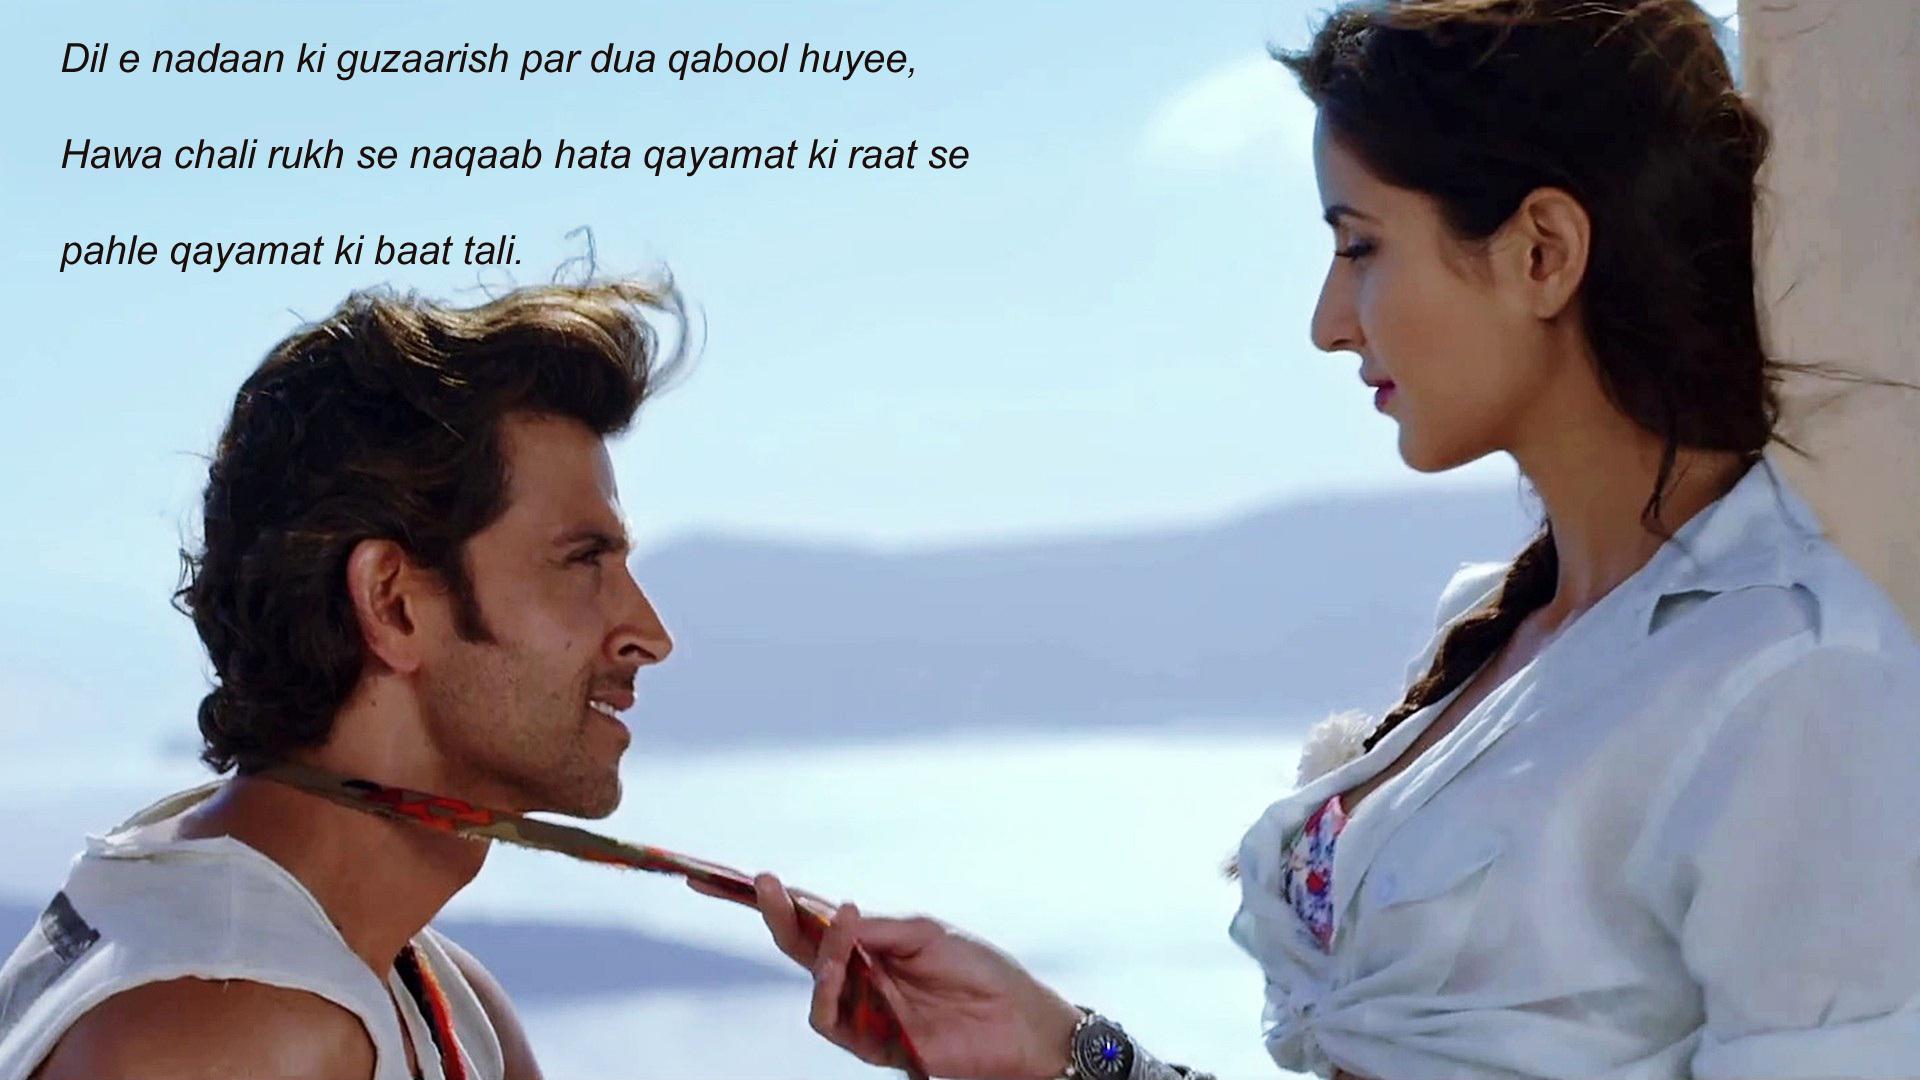 जश्न ए ग़ालिब की ग़ज़ल सी कहीं तासीर नहीं quotes in hindi,